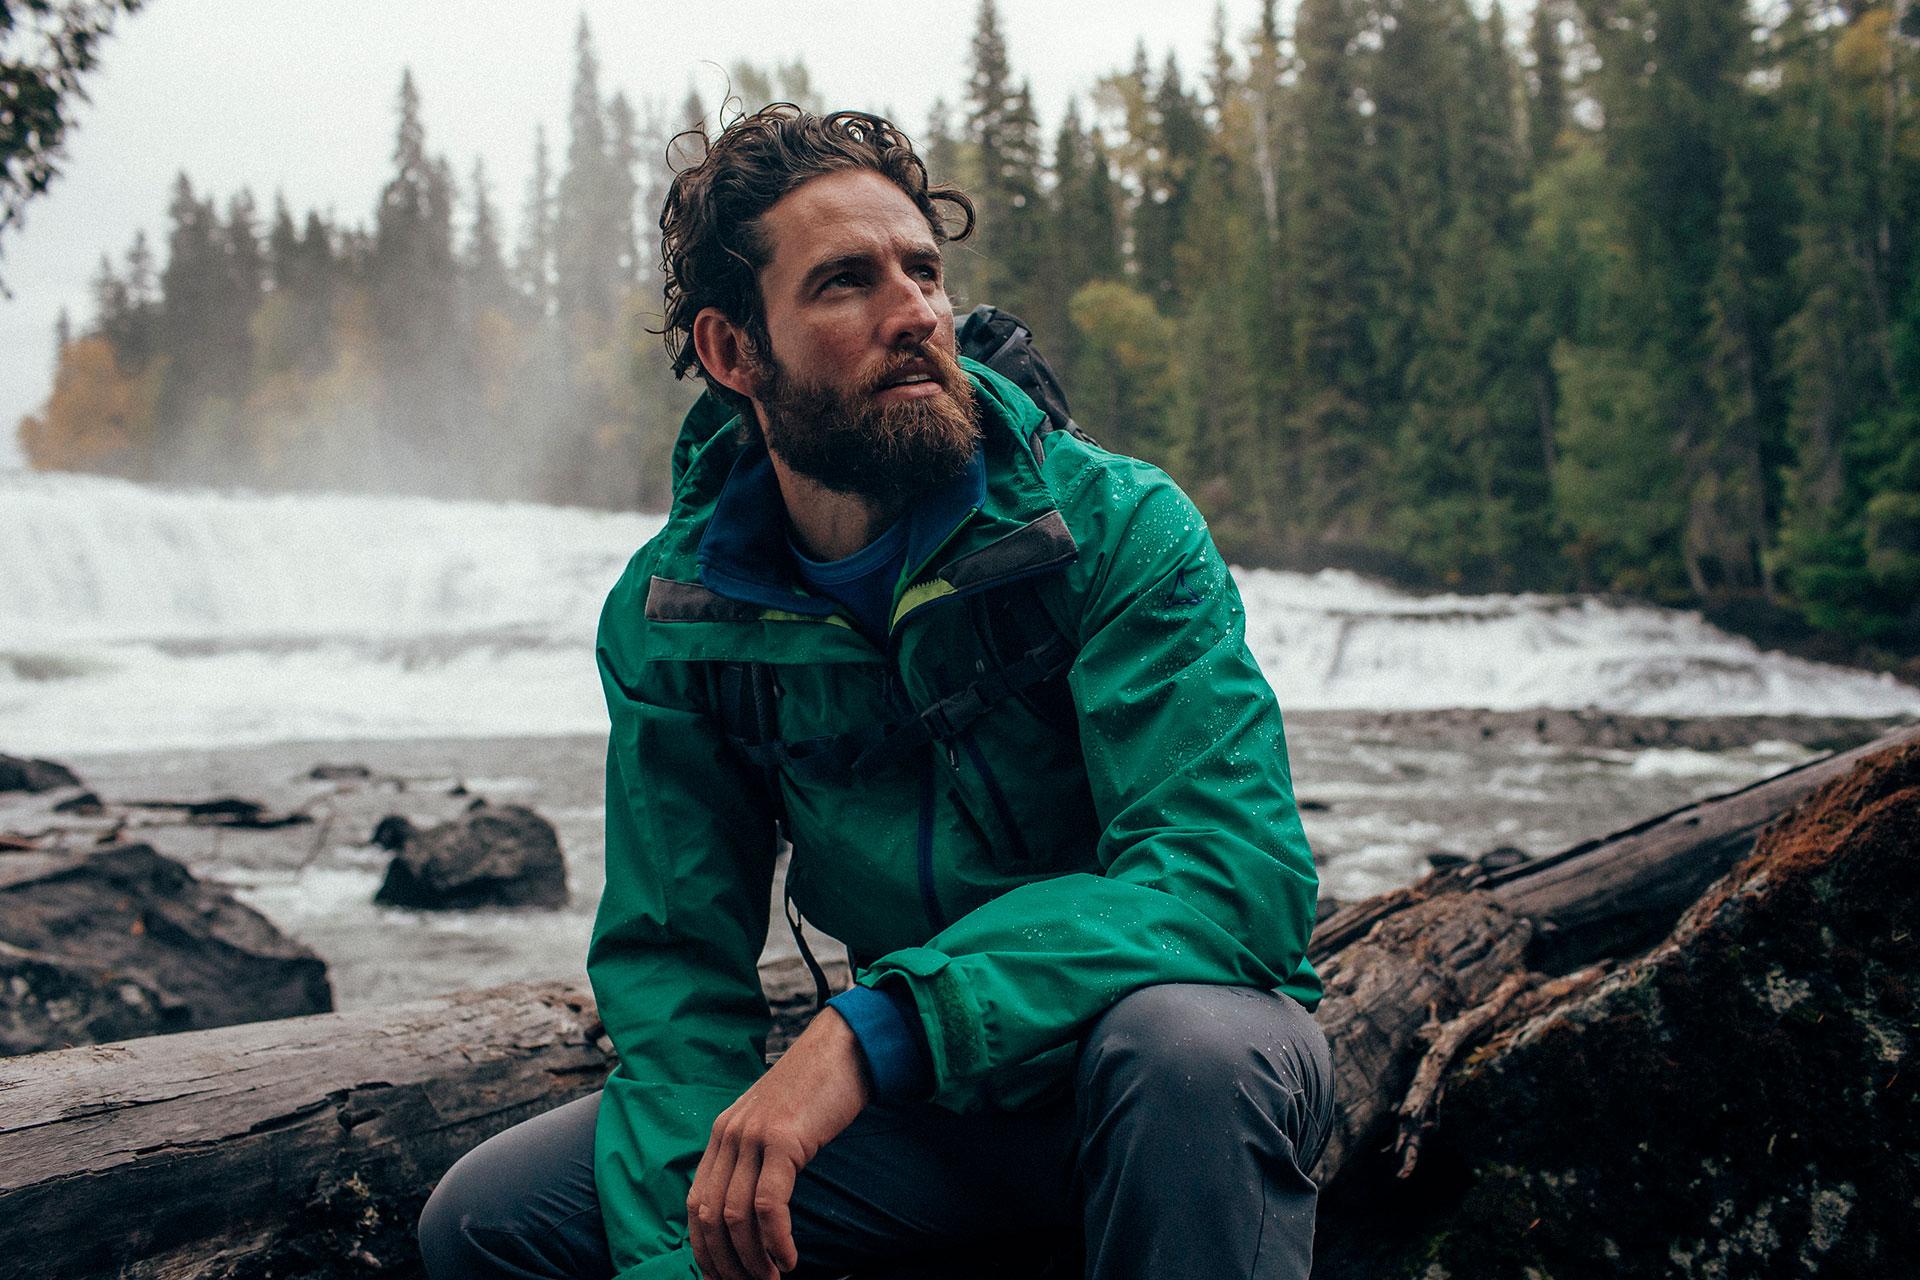 fotograf outdoor wandern trekking rocky mountains kanada deutschland muenchen